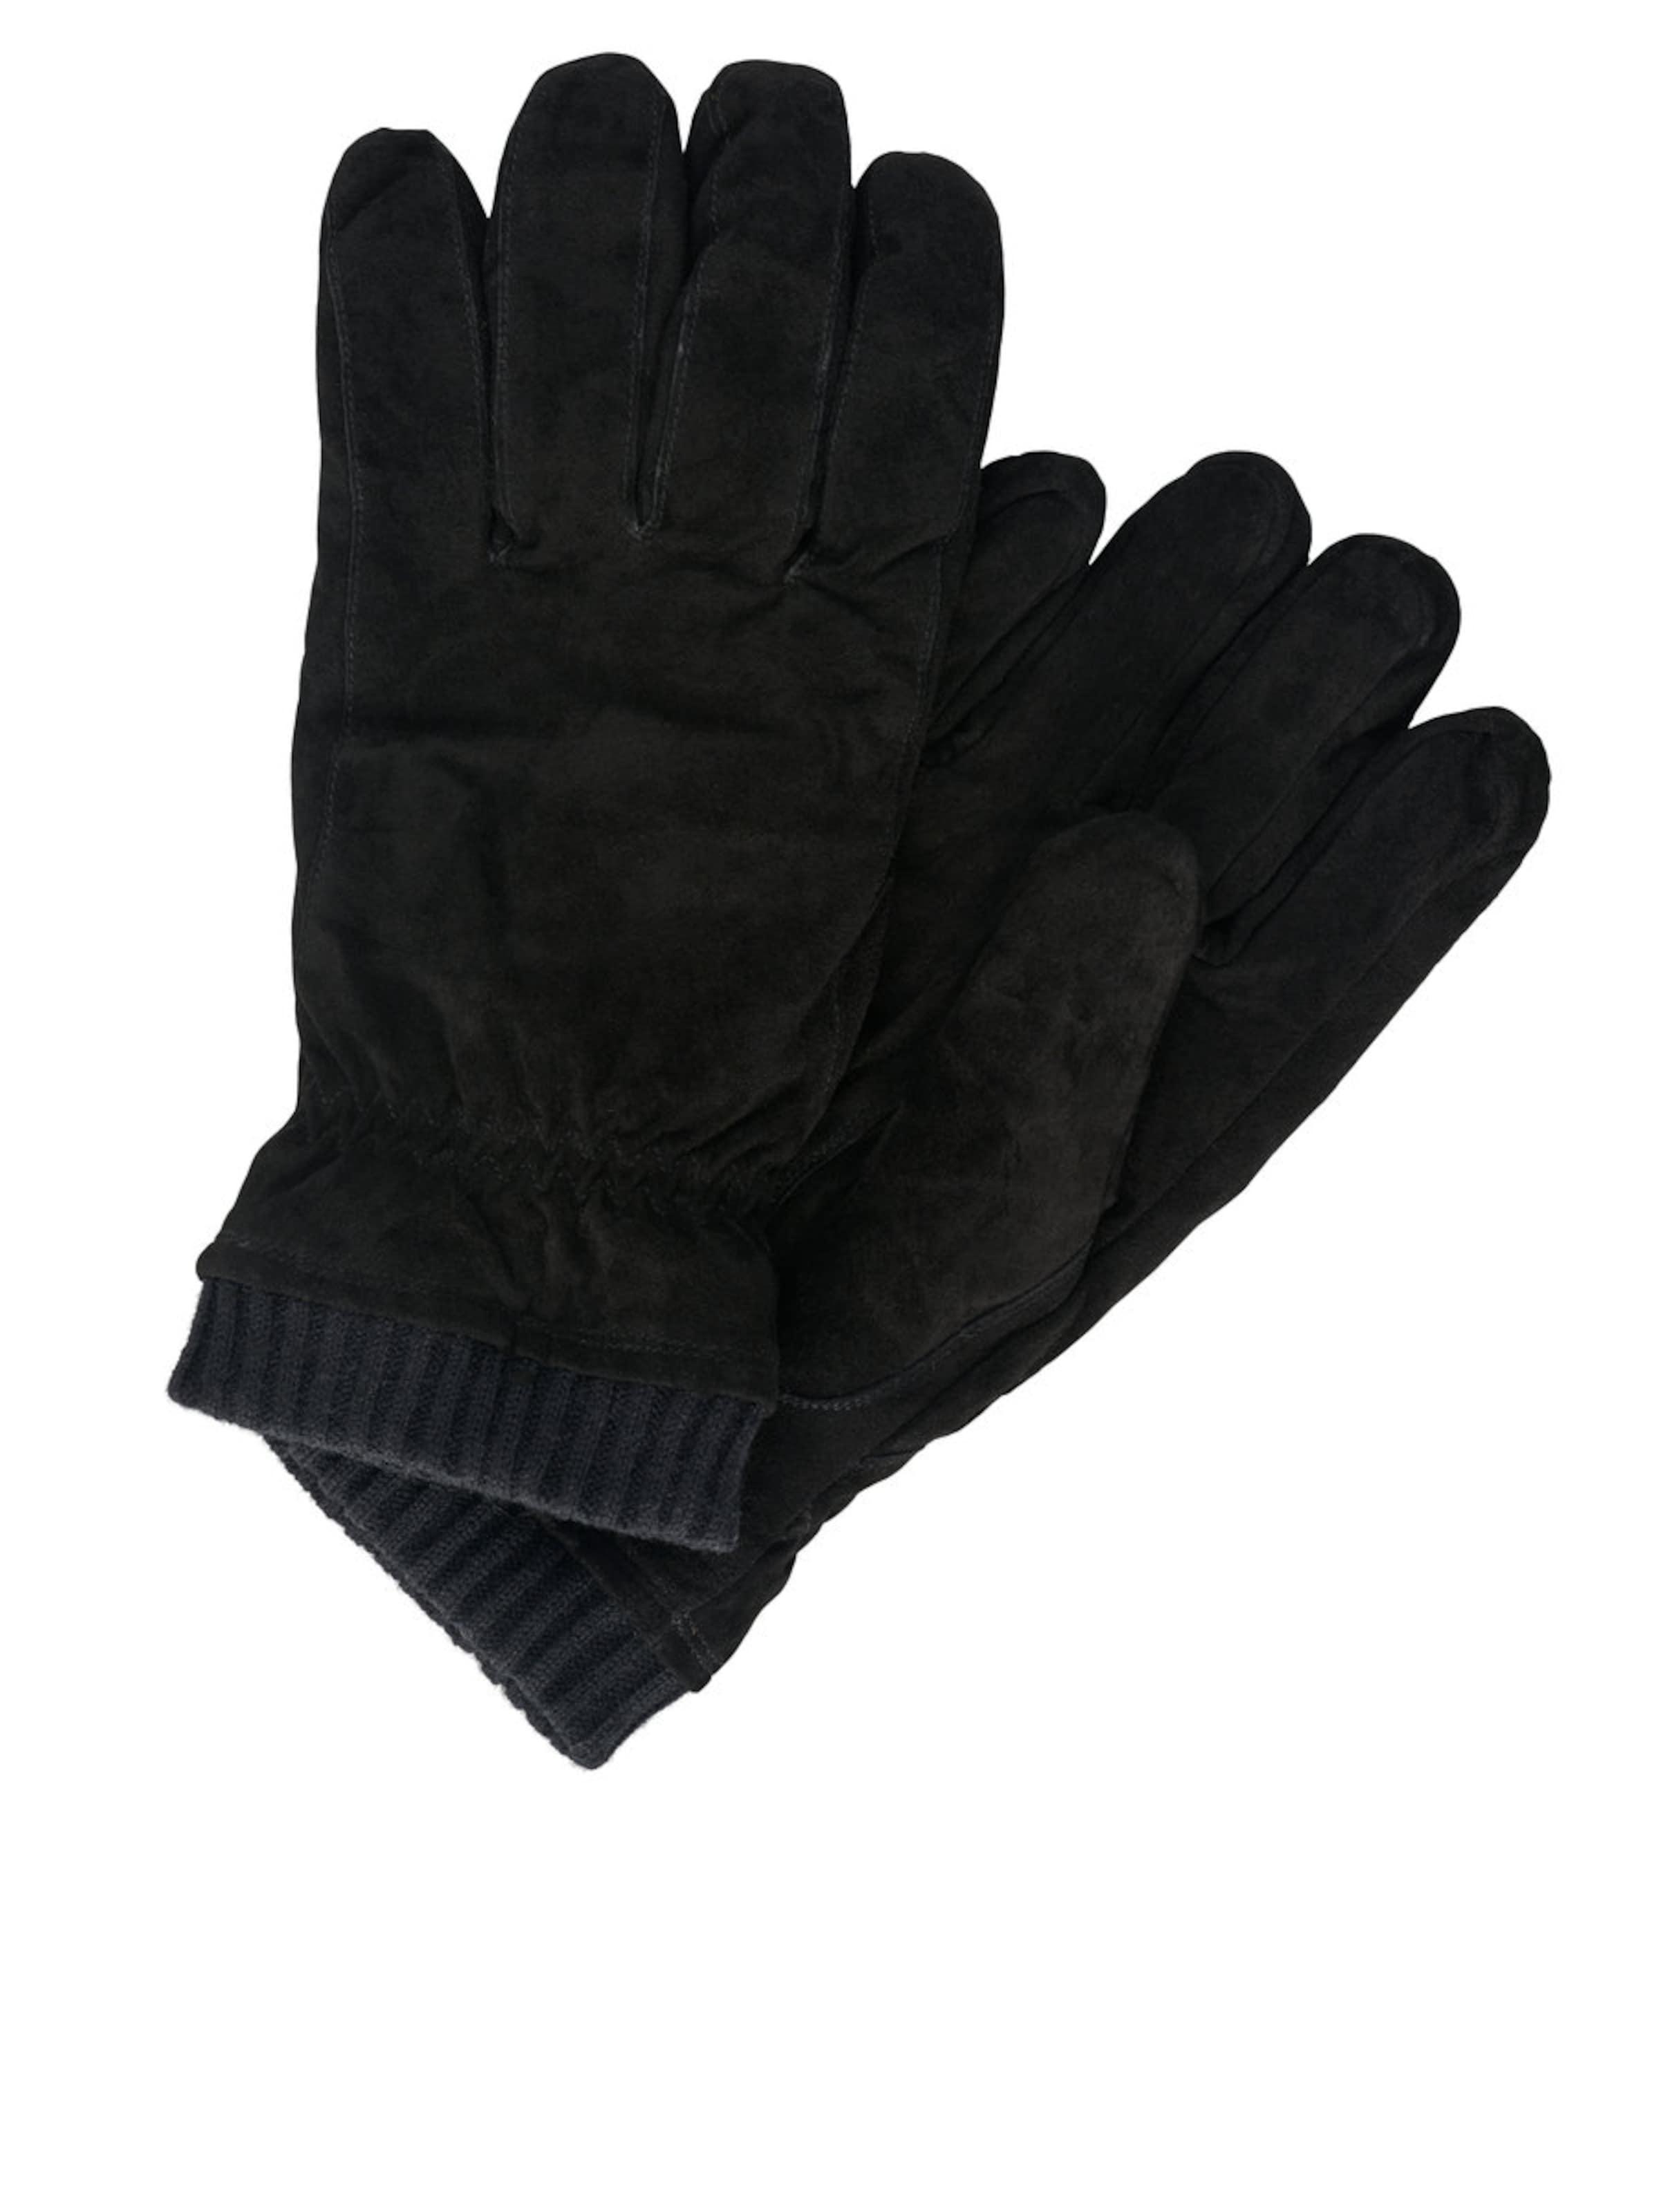 Jackamp; Jones In In NavySchwarz Jones Handschuhe Handschuhe Jackamp; dCthrsQ